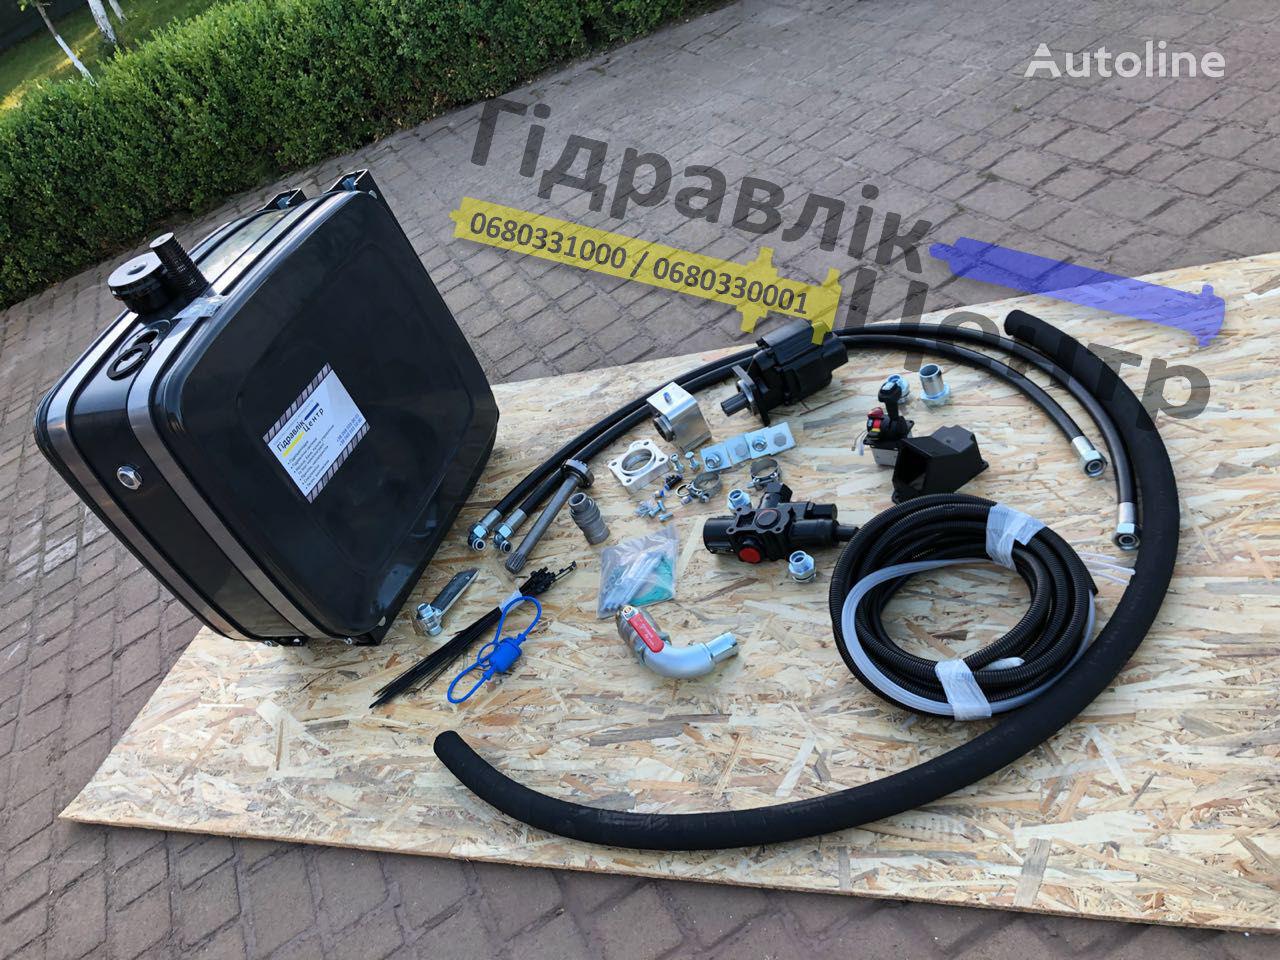 new Gidravlika na tyagacha. Dlya samosvala. Evropeyskogo virobnictva. tipper system for MAN Daf, Renault tractor unit